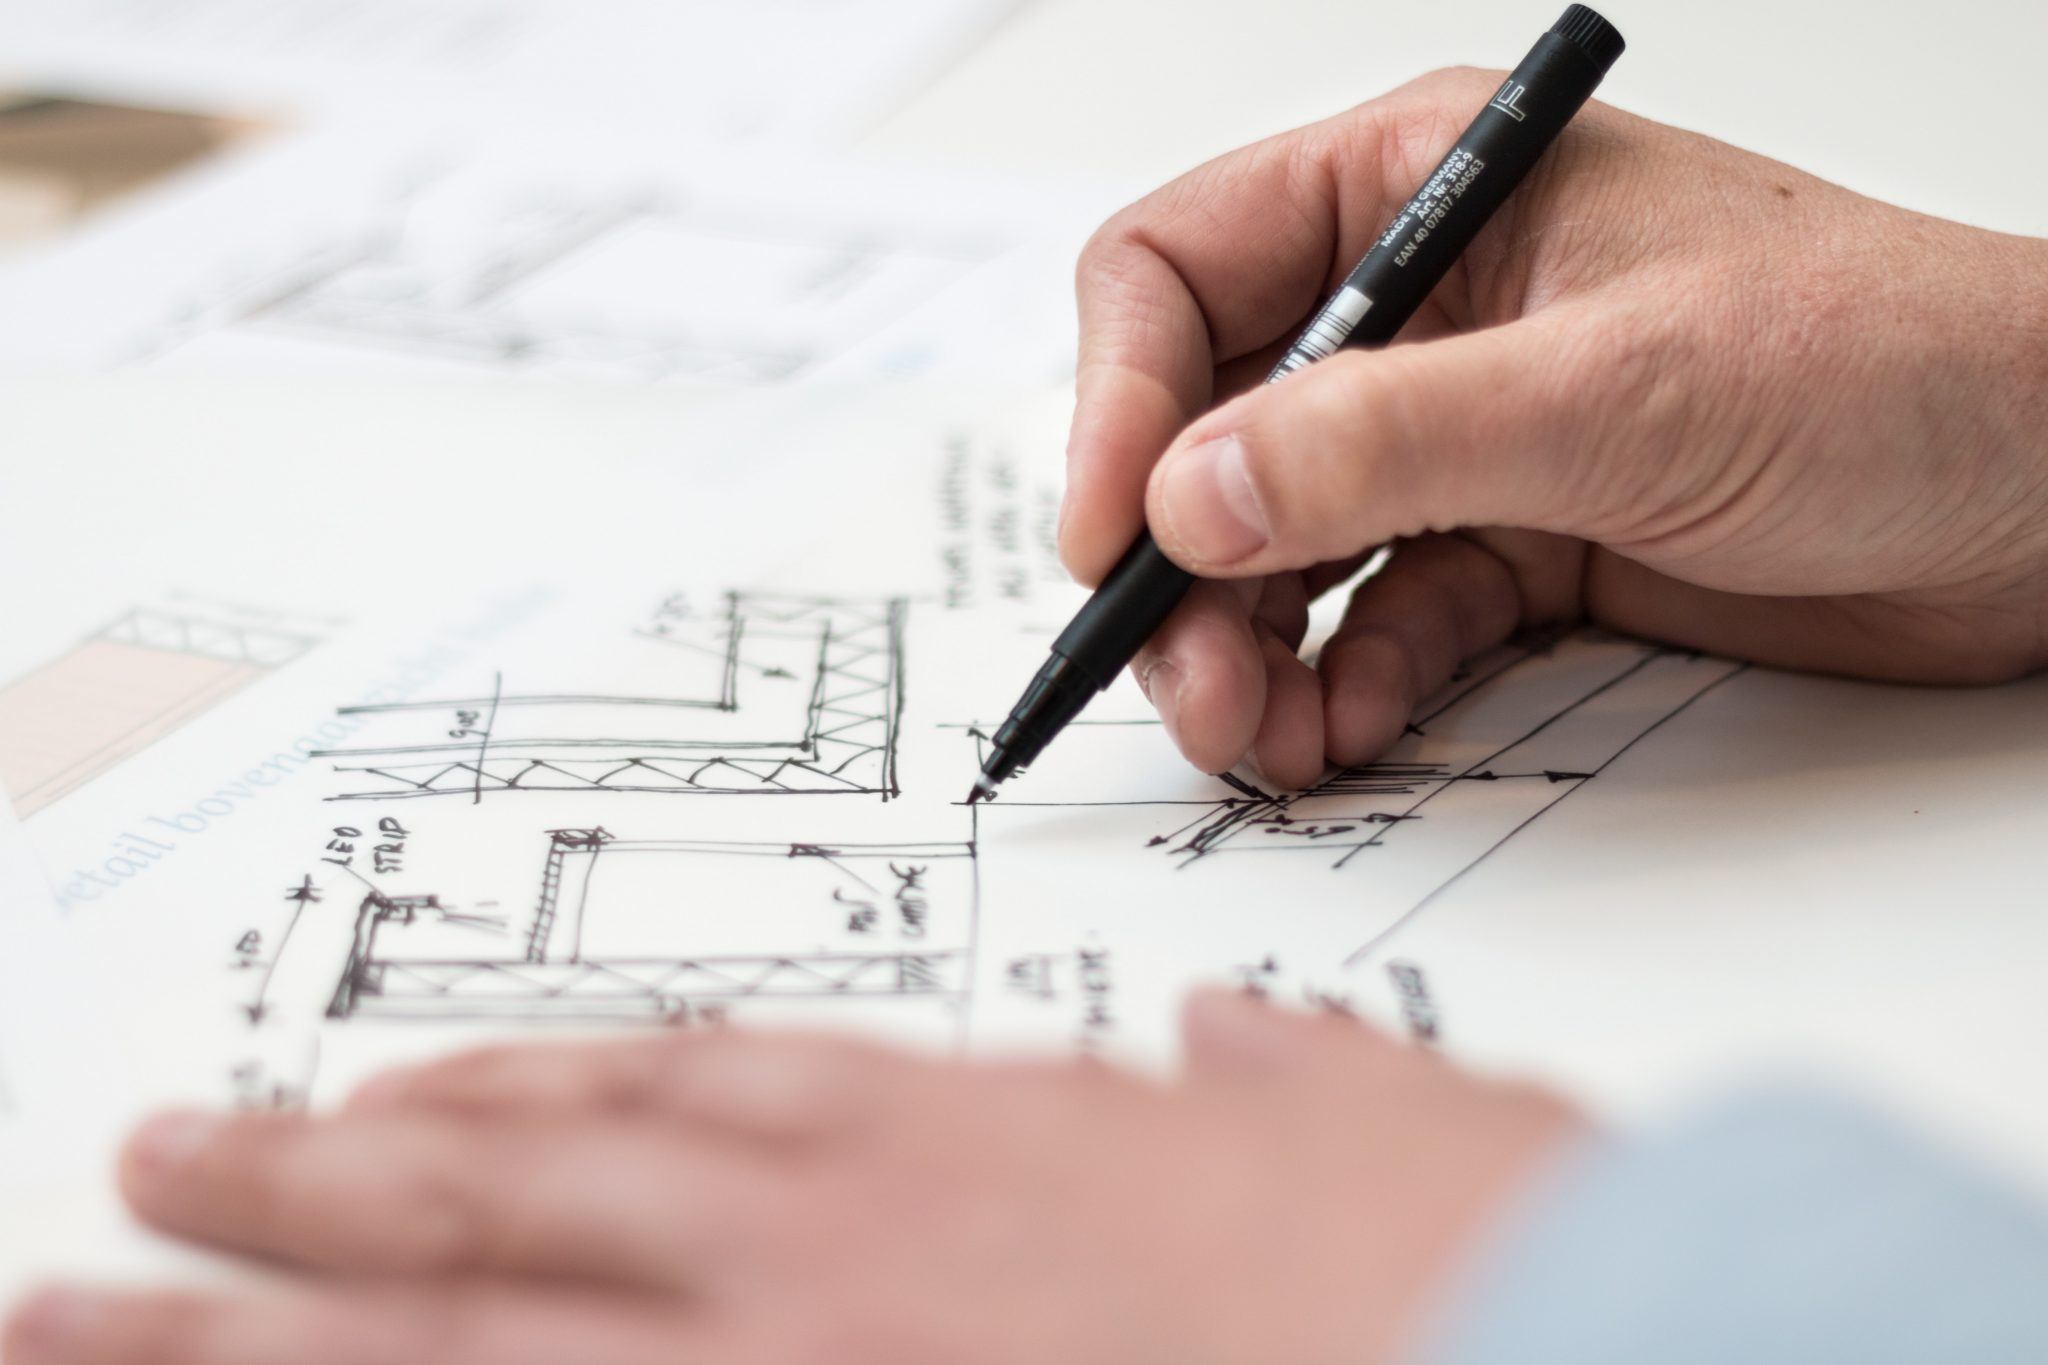 Οικοδομικές άδειες, κατασκευές, ανακαινίσεις